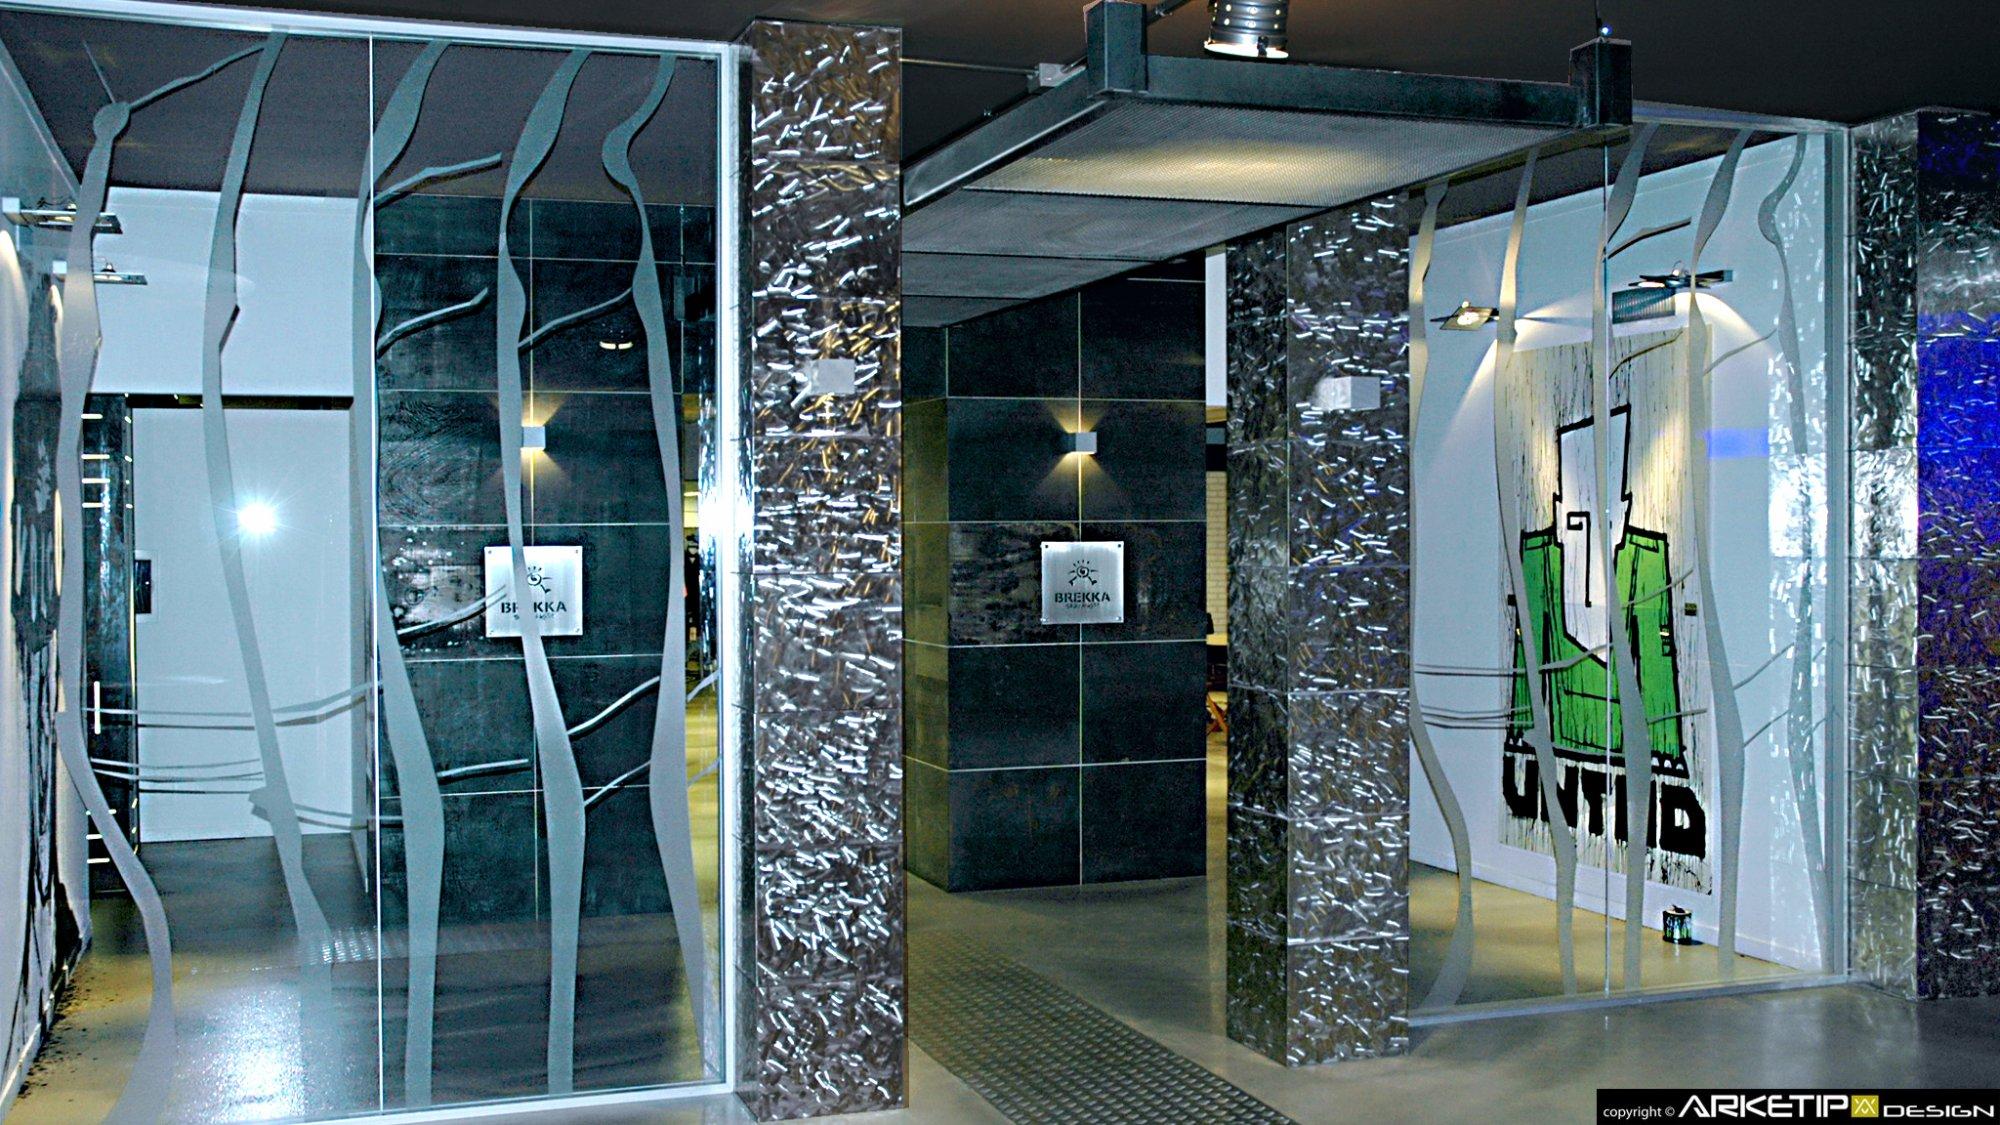 Arredamento negozio abbigliamento brekka milano for Arredamento negozi milano